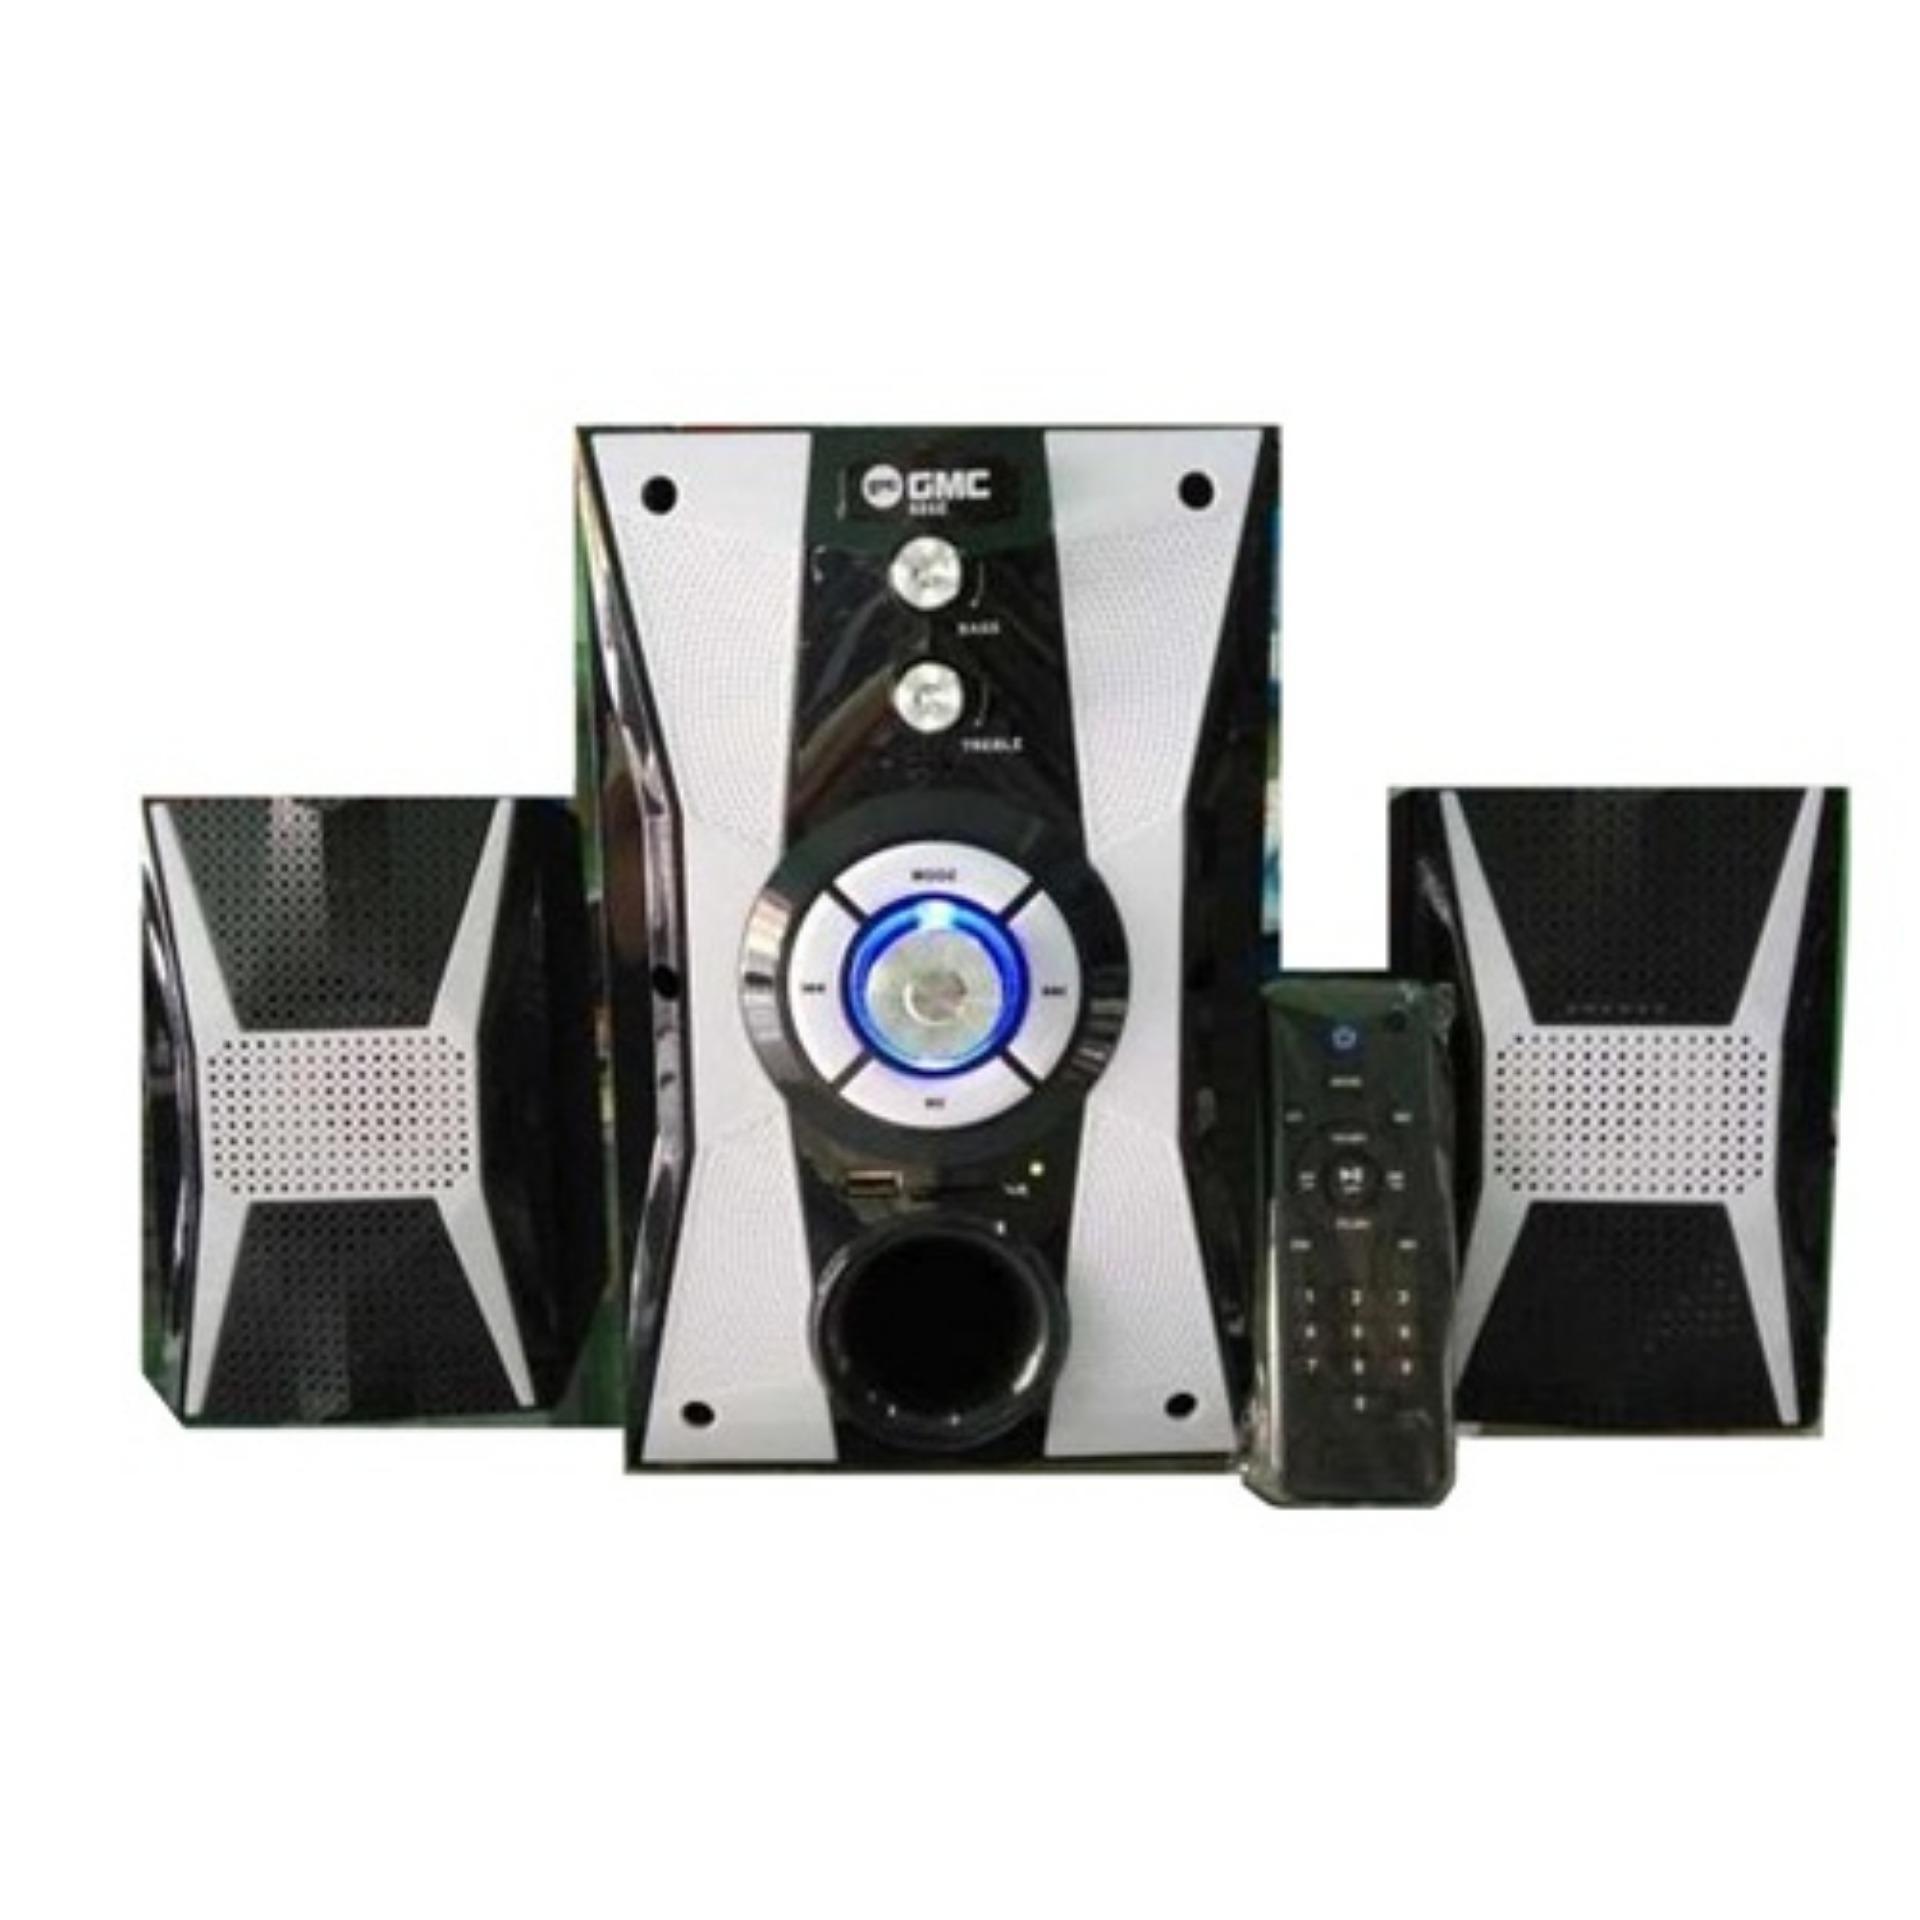 ... GMC 886E Speaker Multimedia Bluetooth (Garansi Resmi GMC) Putih ...